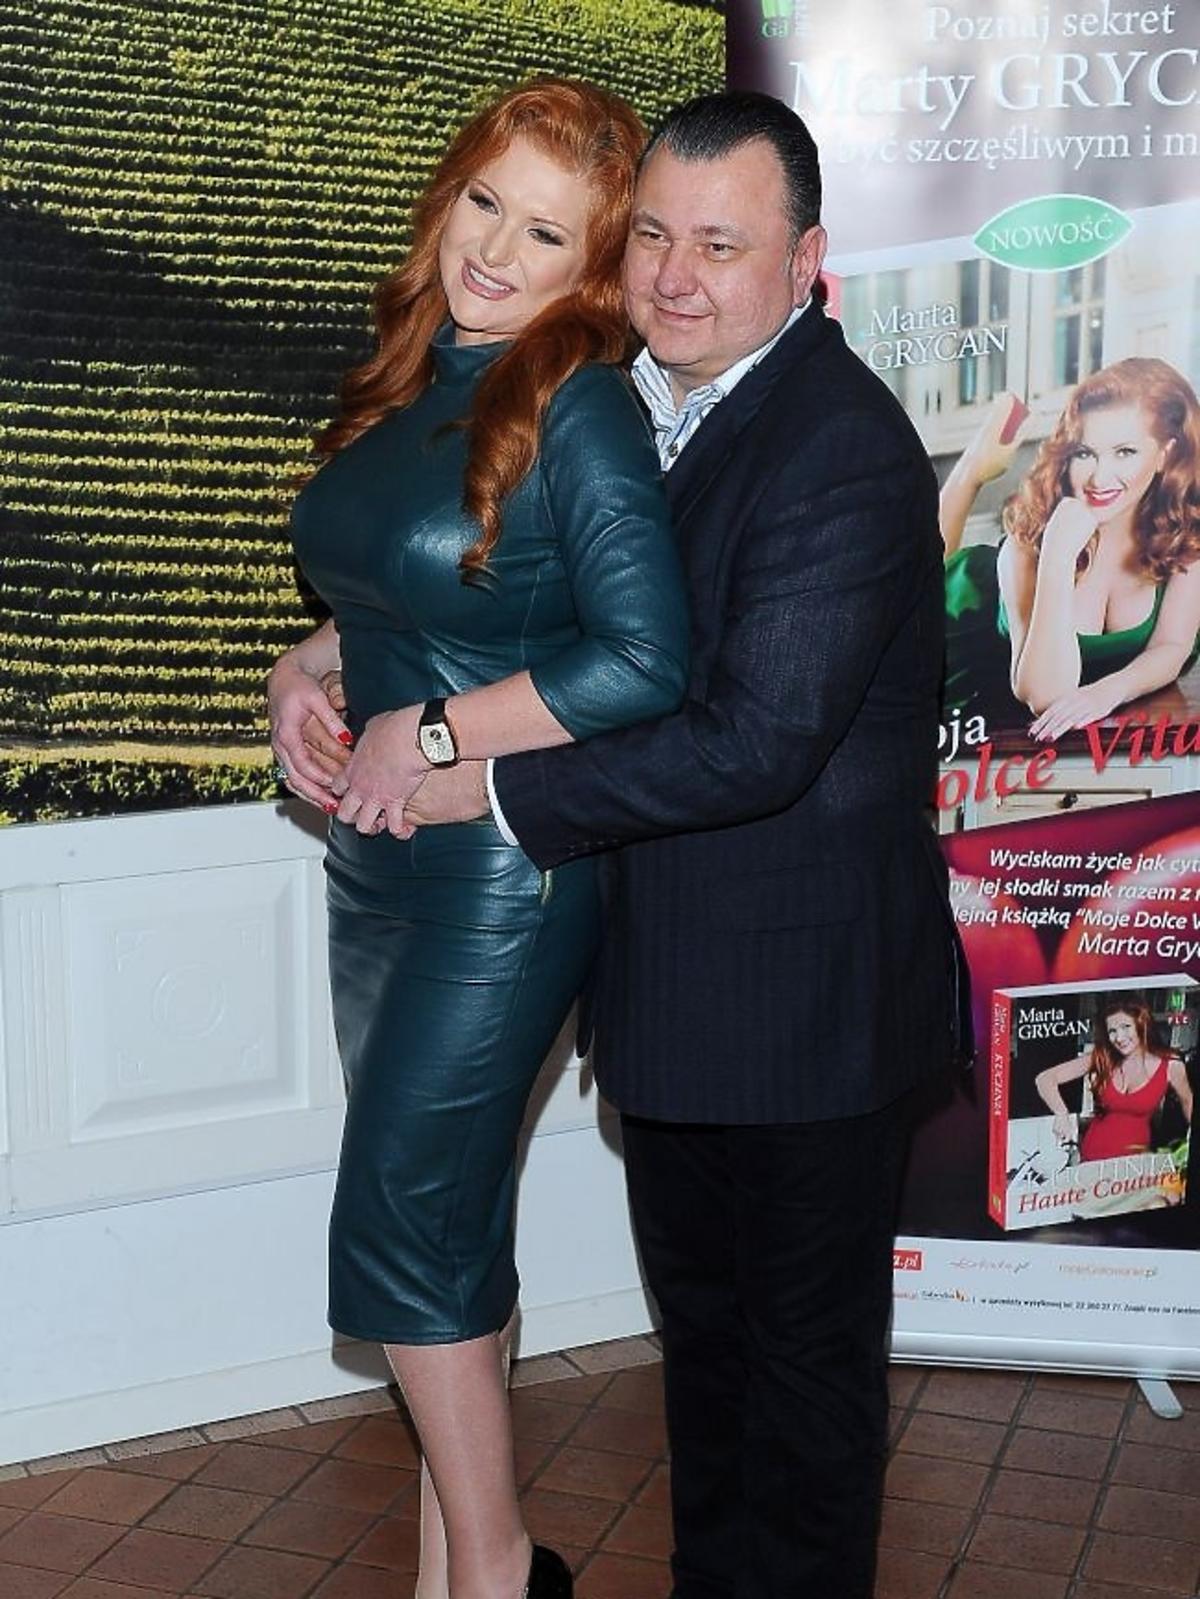 Marta Grycan z mężem promuje książkę Moja Dolce Vita